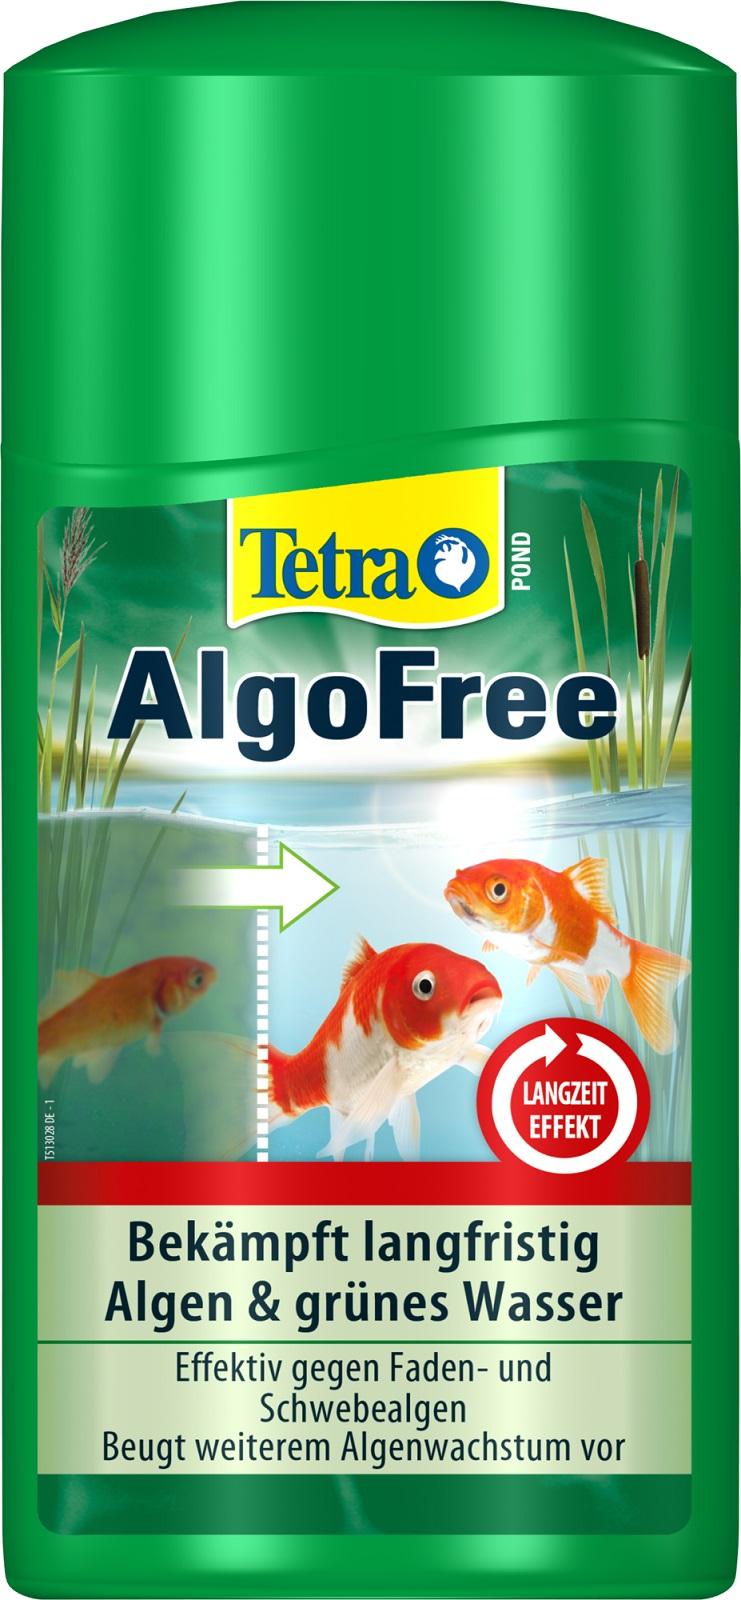 Tetra Pond AlgoFree Algenmittel gegen Schwebealgen und grünes Wasser 1 Liter